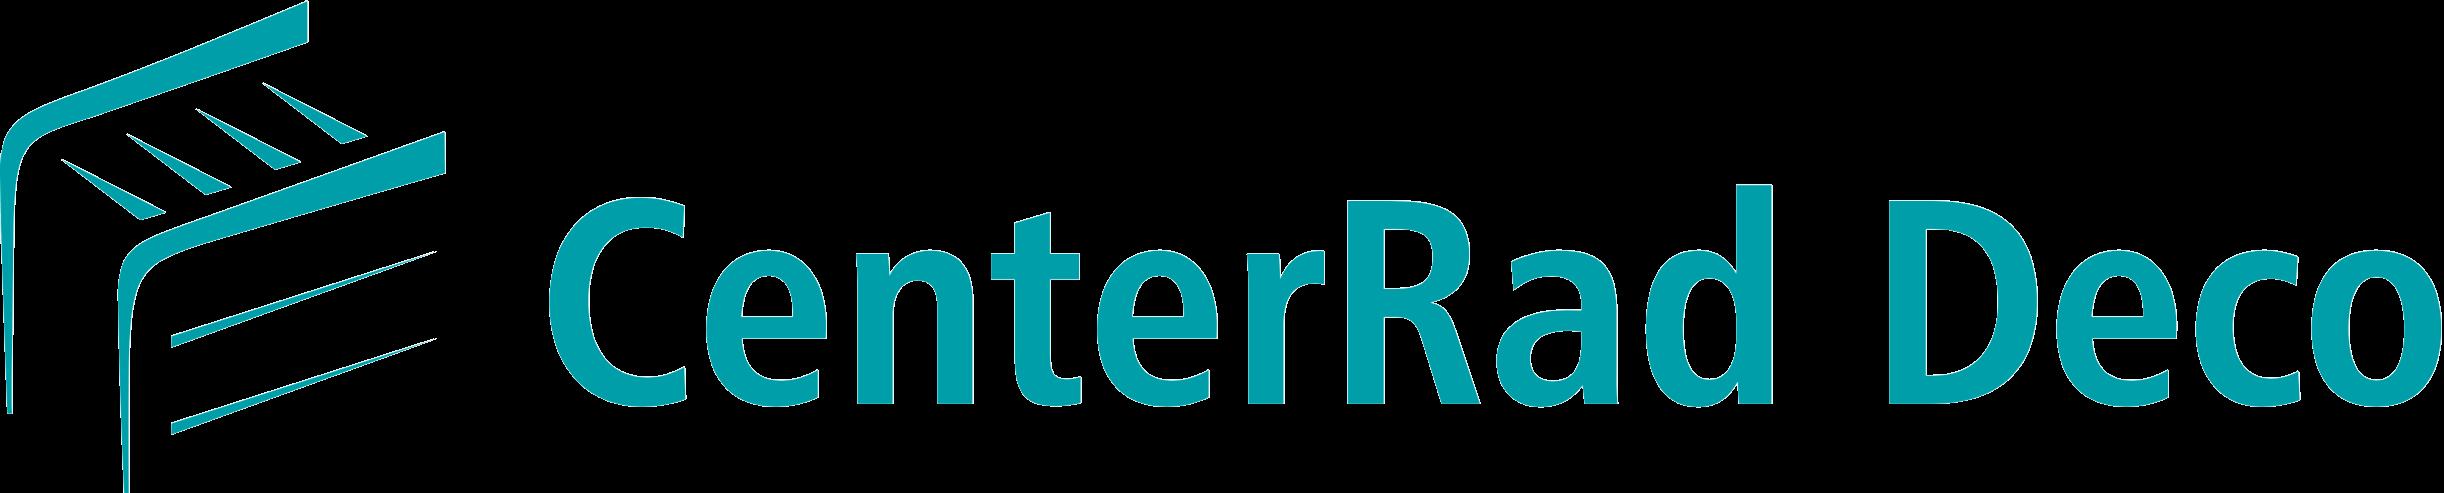 CenterRad Deco logo